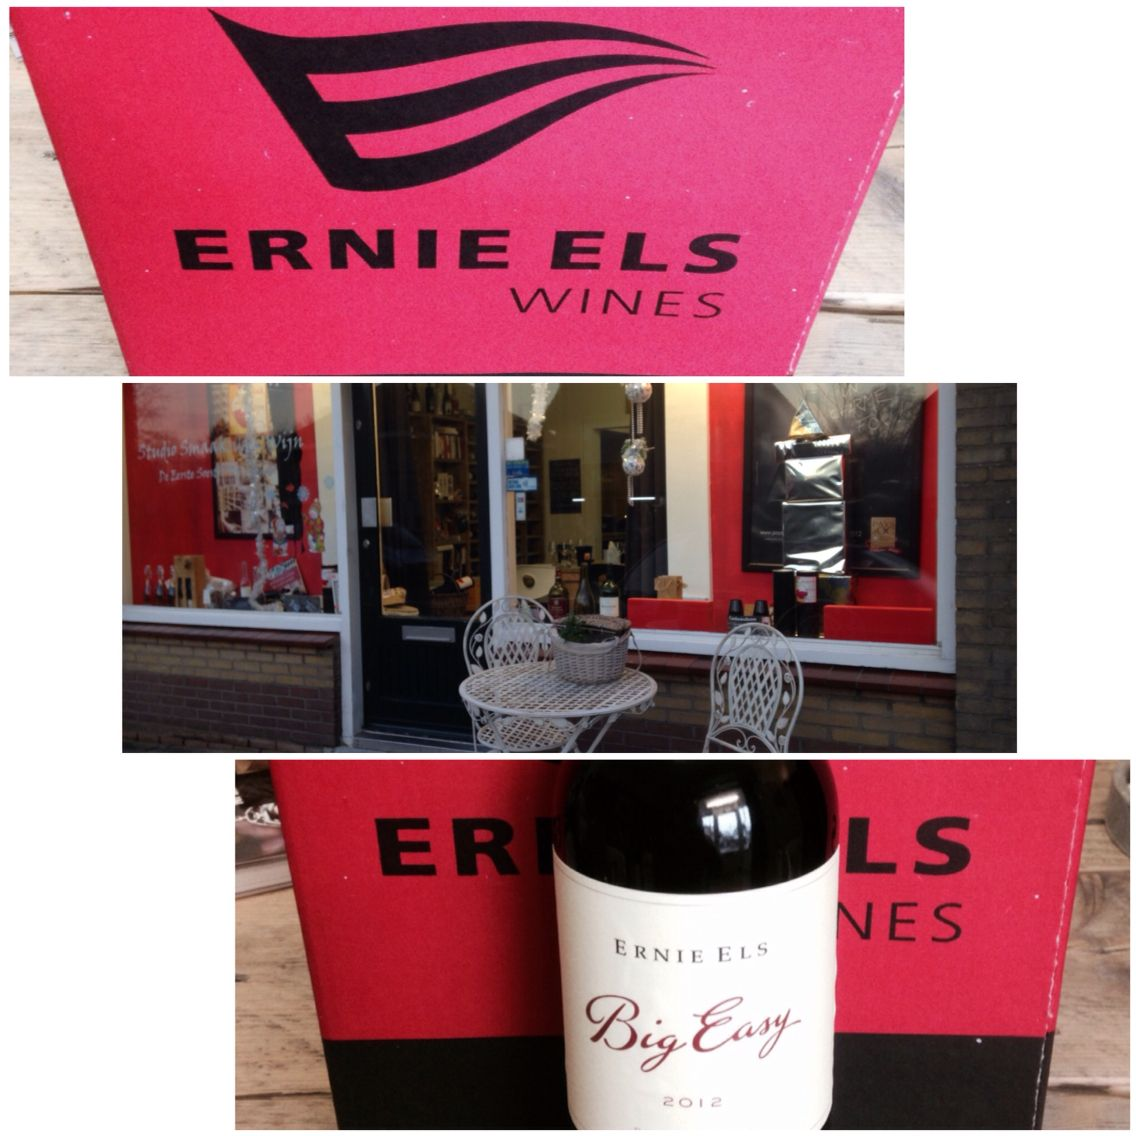 Ernie Els What Else In Smaakvanwijn Soest Wijn